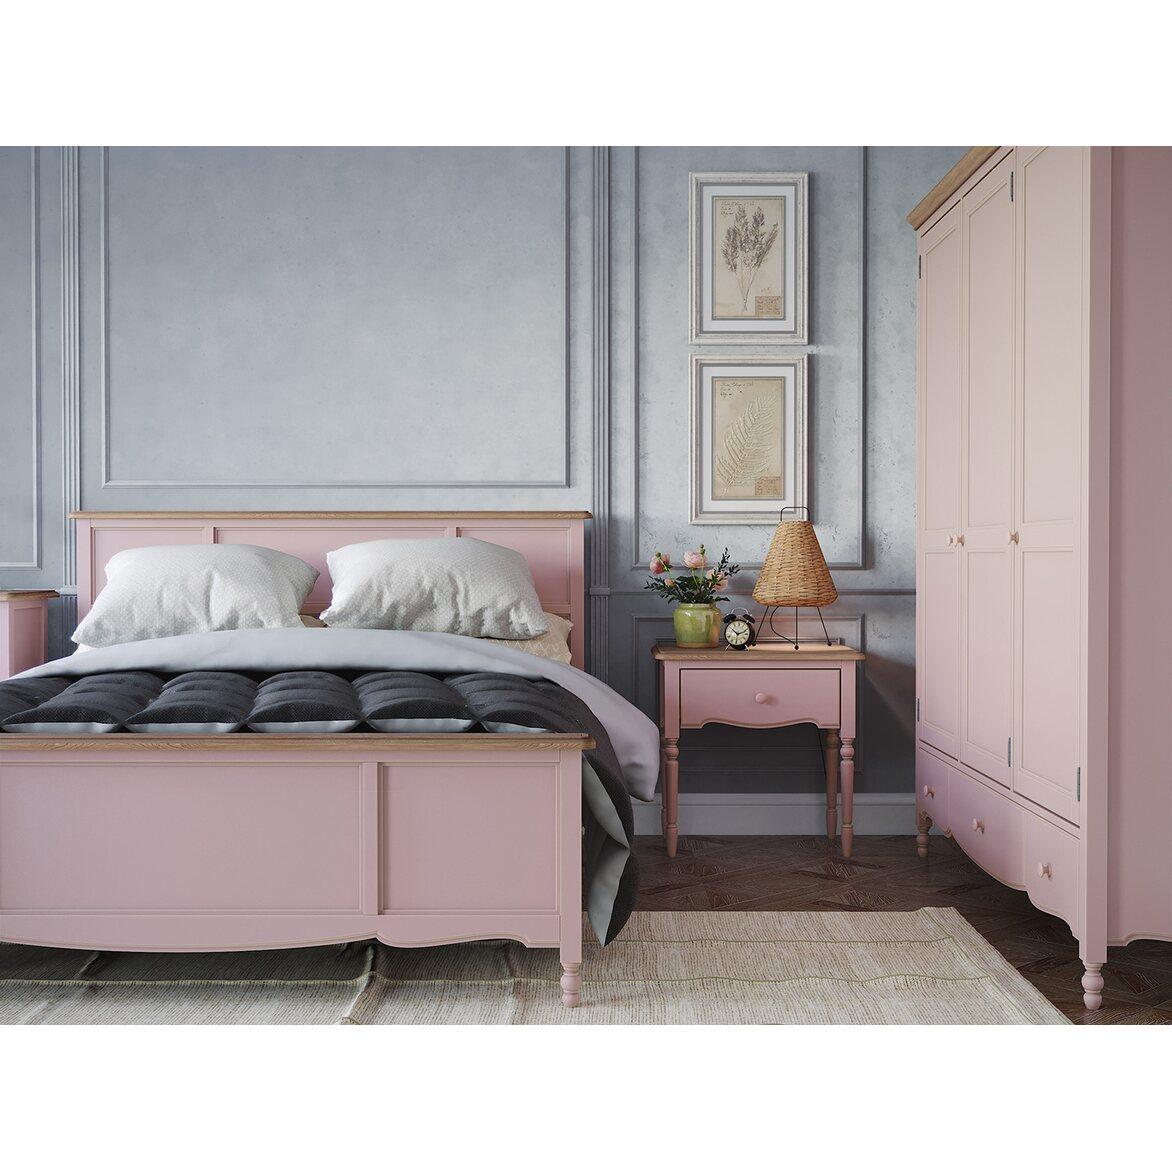 Кровать Leblanc лаванда, с изножьем 5 | Двуспальные кровати Kingsby